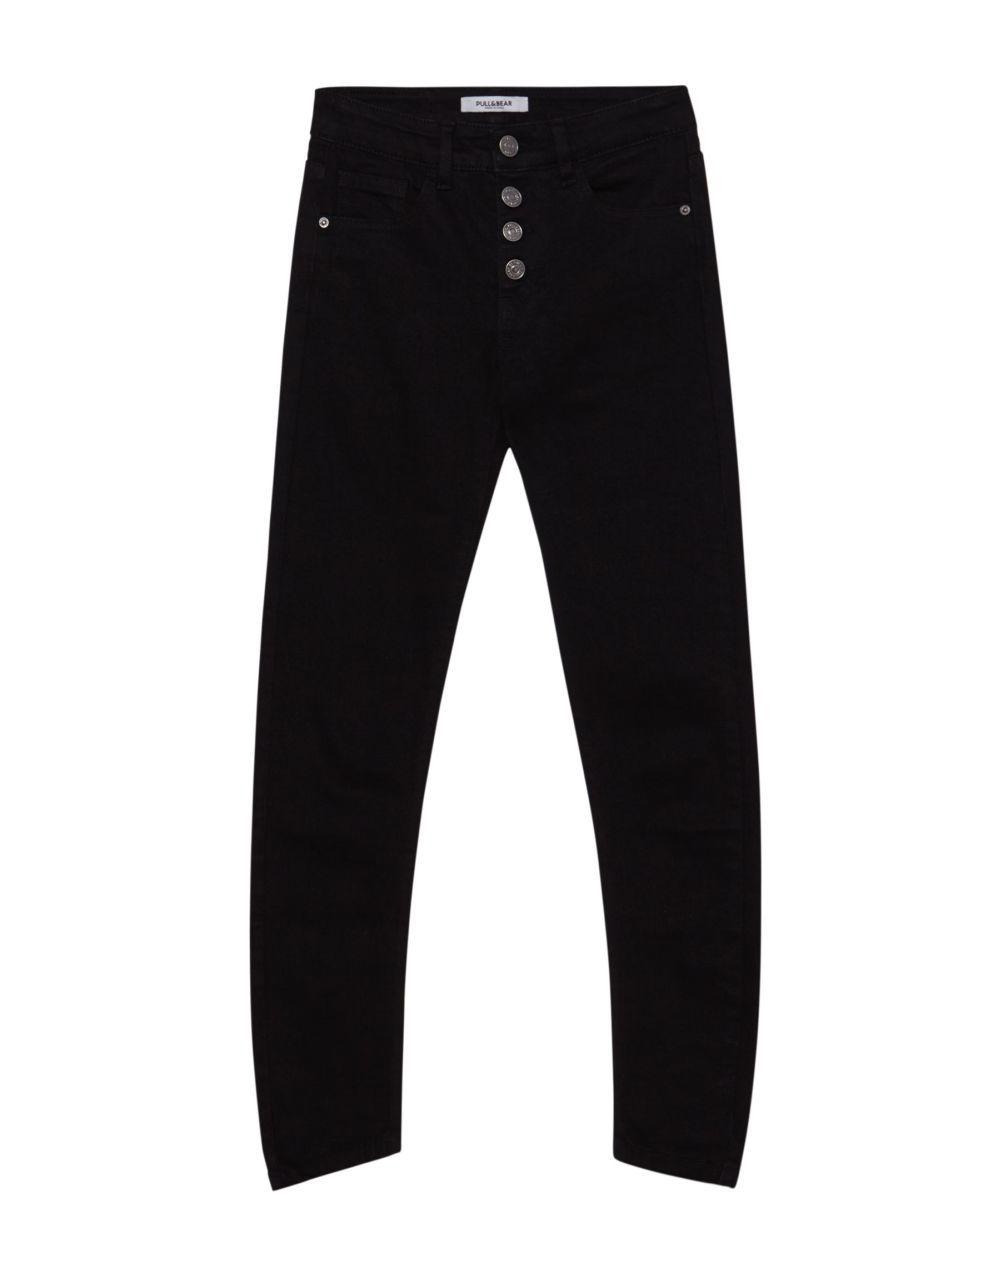 Pantalón pitillo de Pull&Bear (25,99 euros)